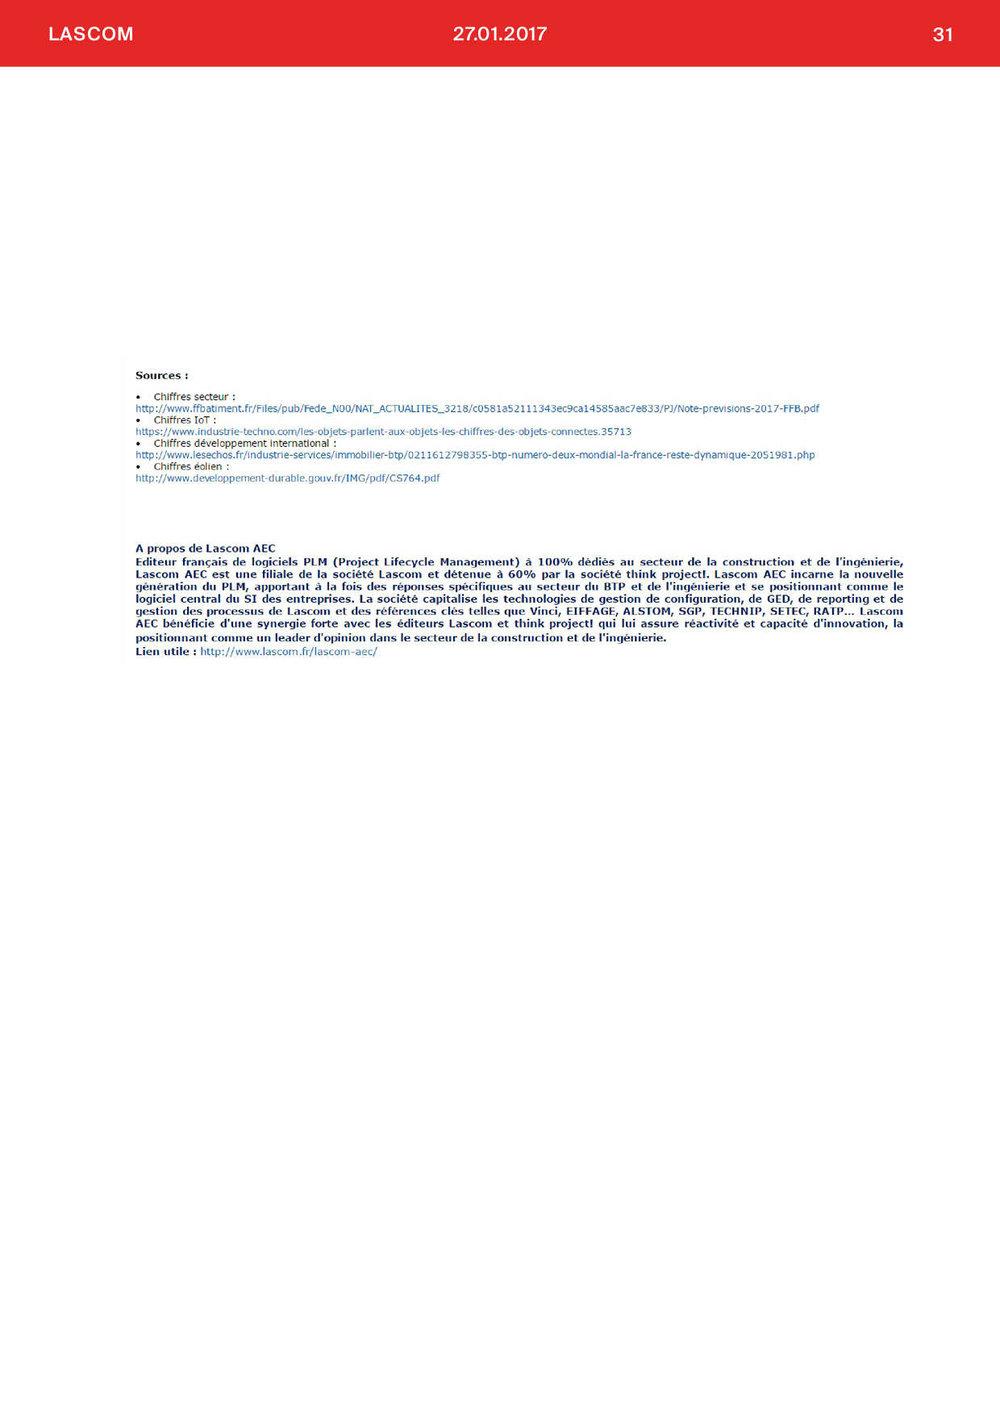 BOOKMEDIA_FEV_WEB31.jpg